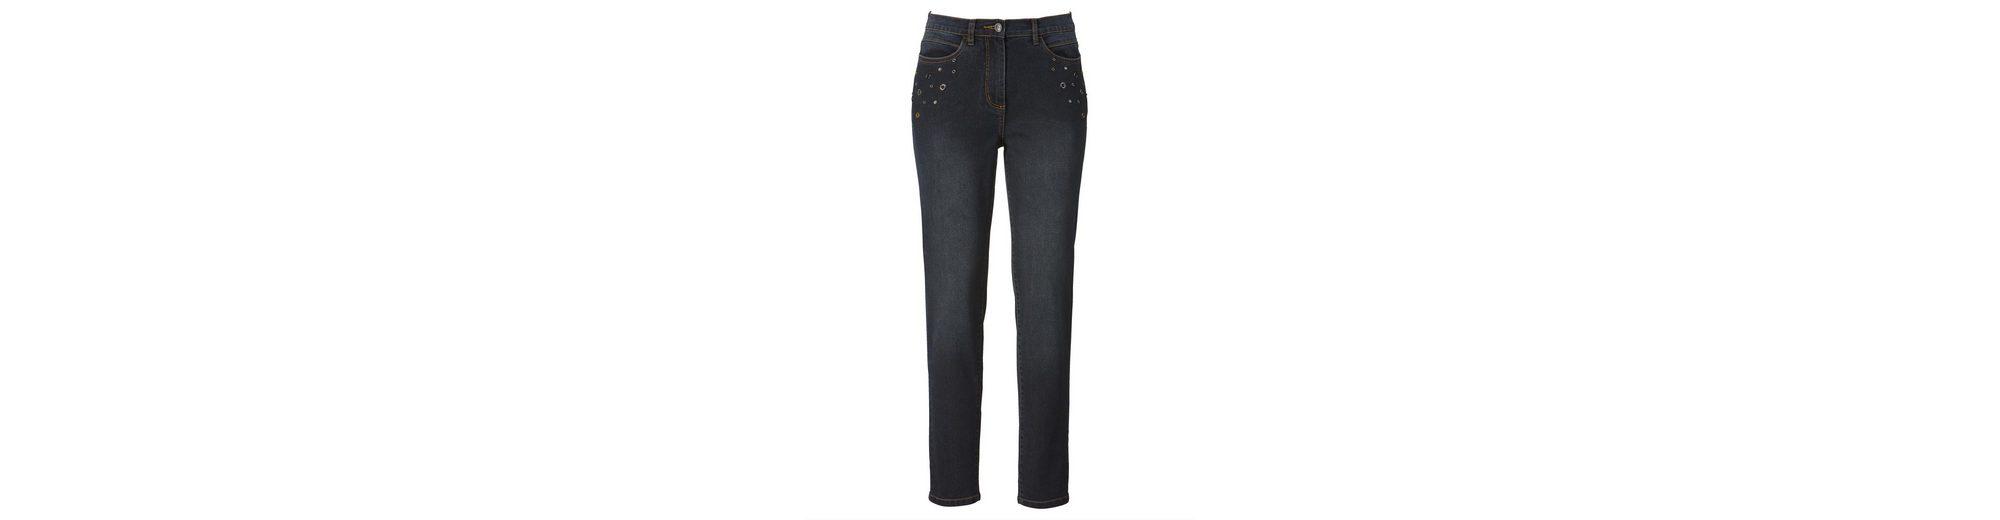 Mona Jeans mit Nieten und Strasszier Steckdose Mit Master Kosten Günstiger Preis Rabatt Mode-Stil KmWOuKd